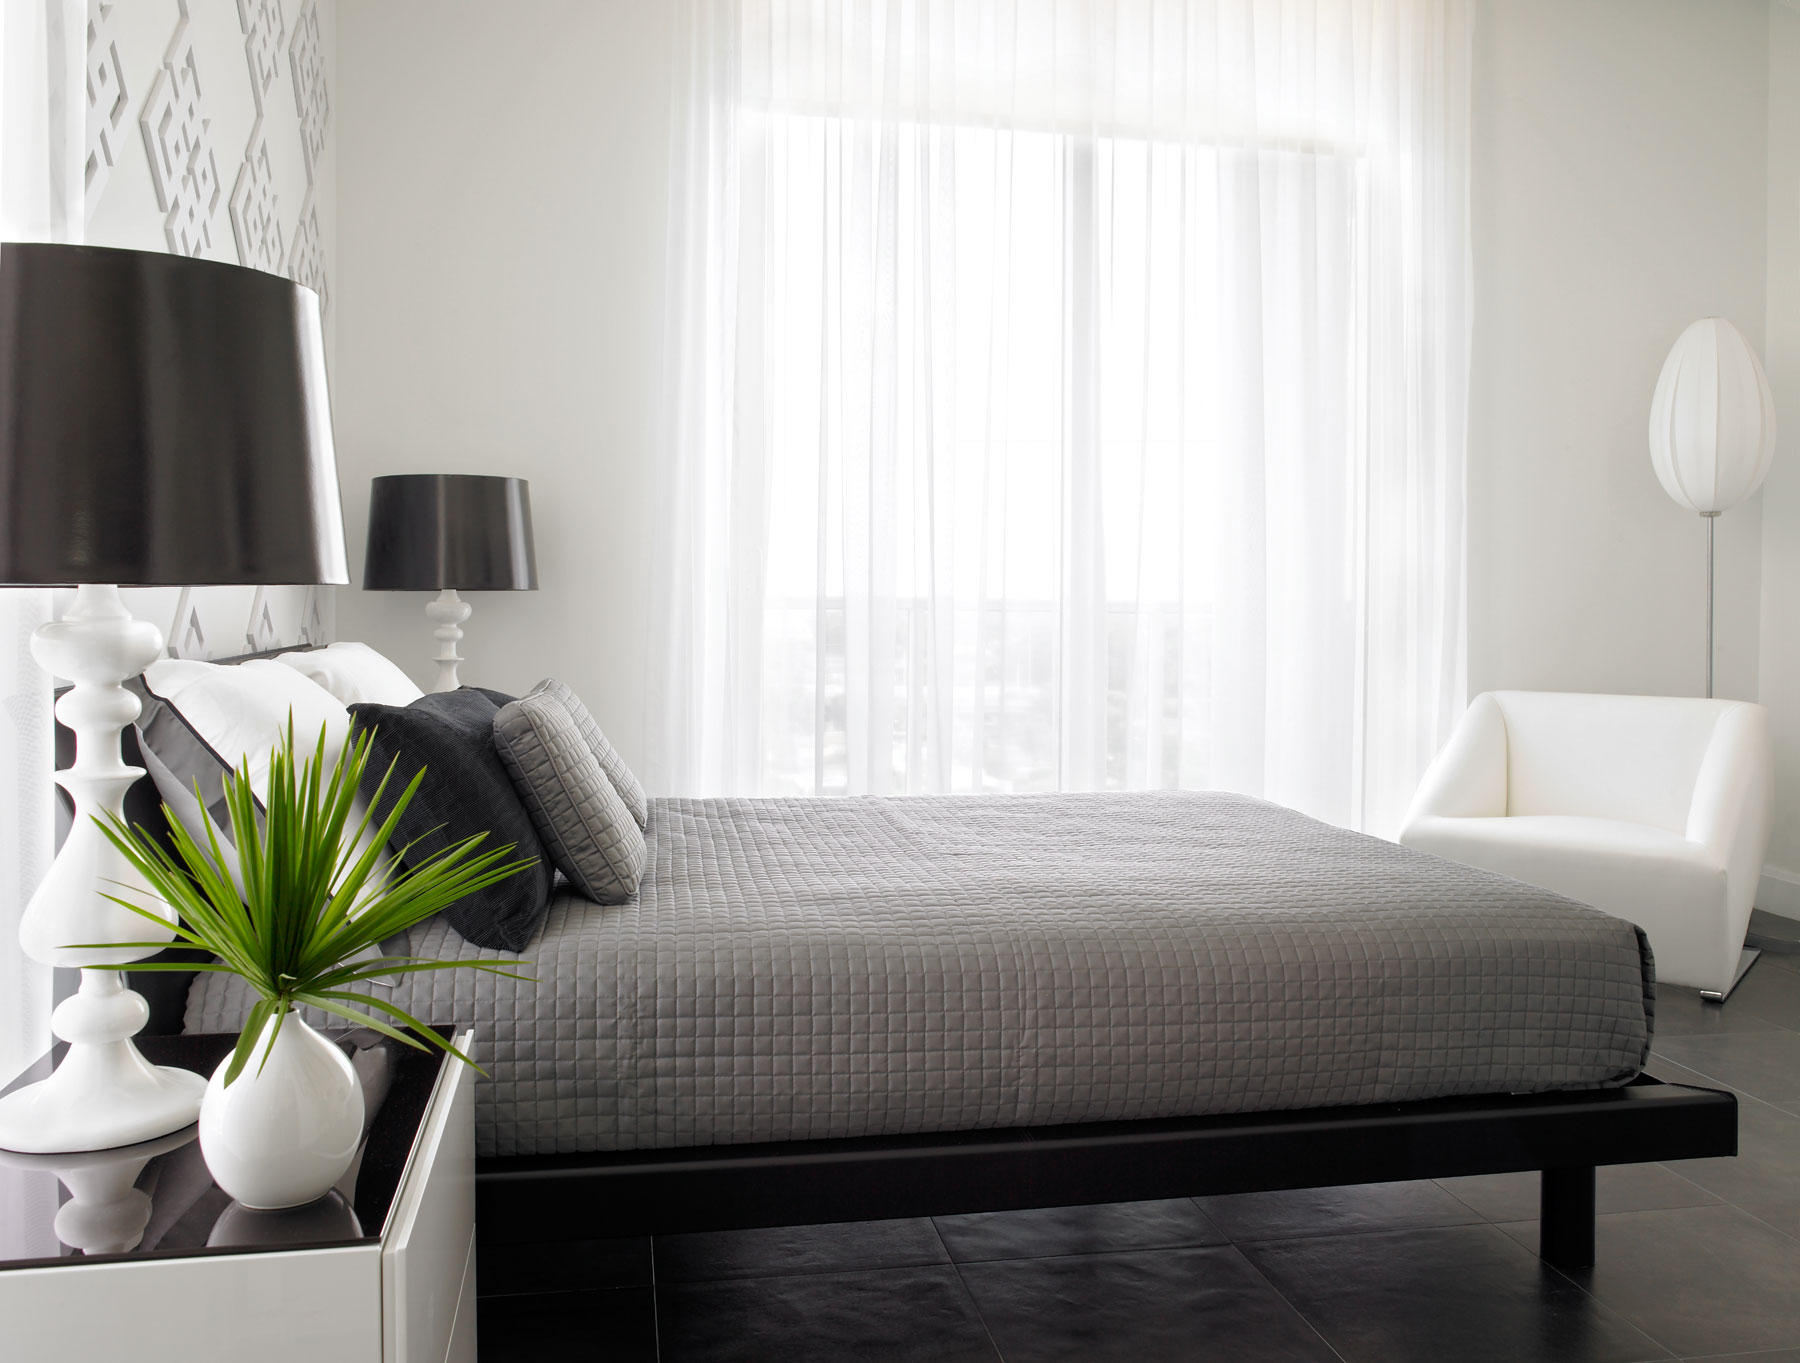 дизайн интерьера современной спальни.jpg